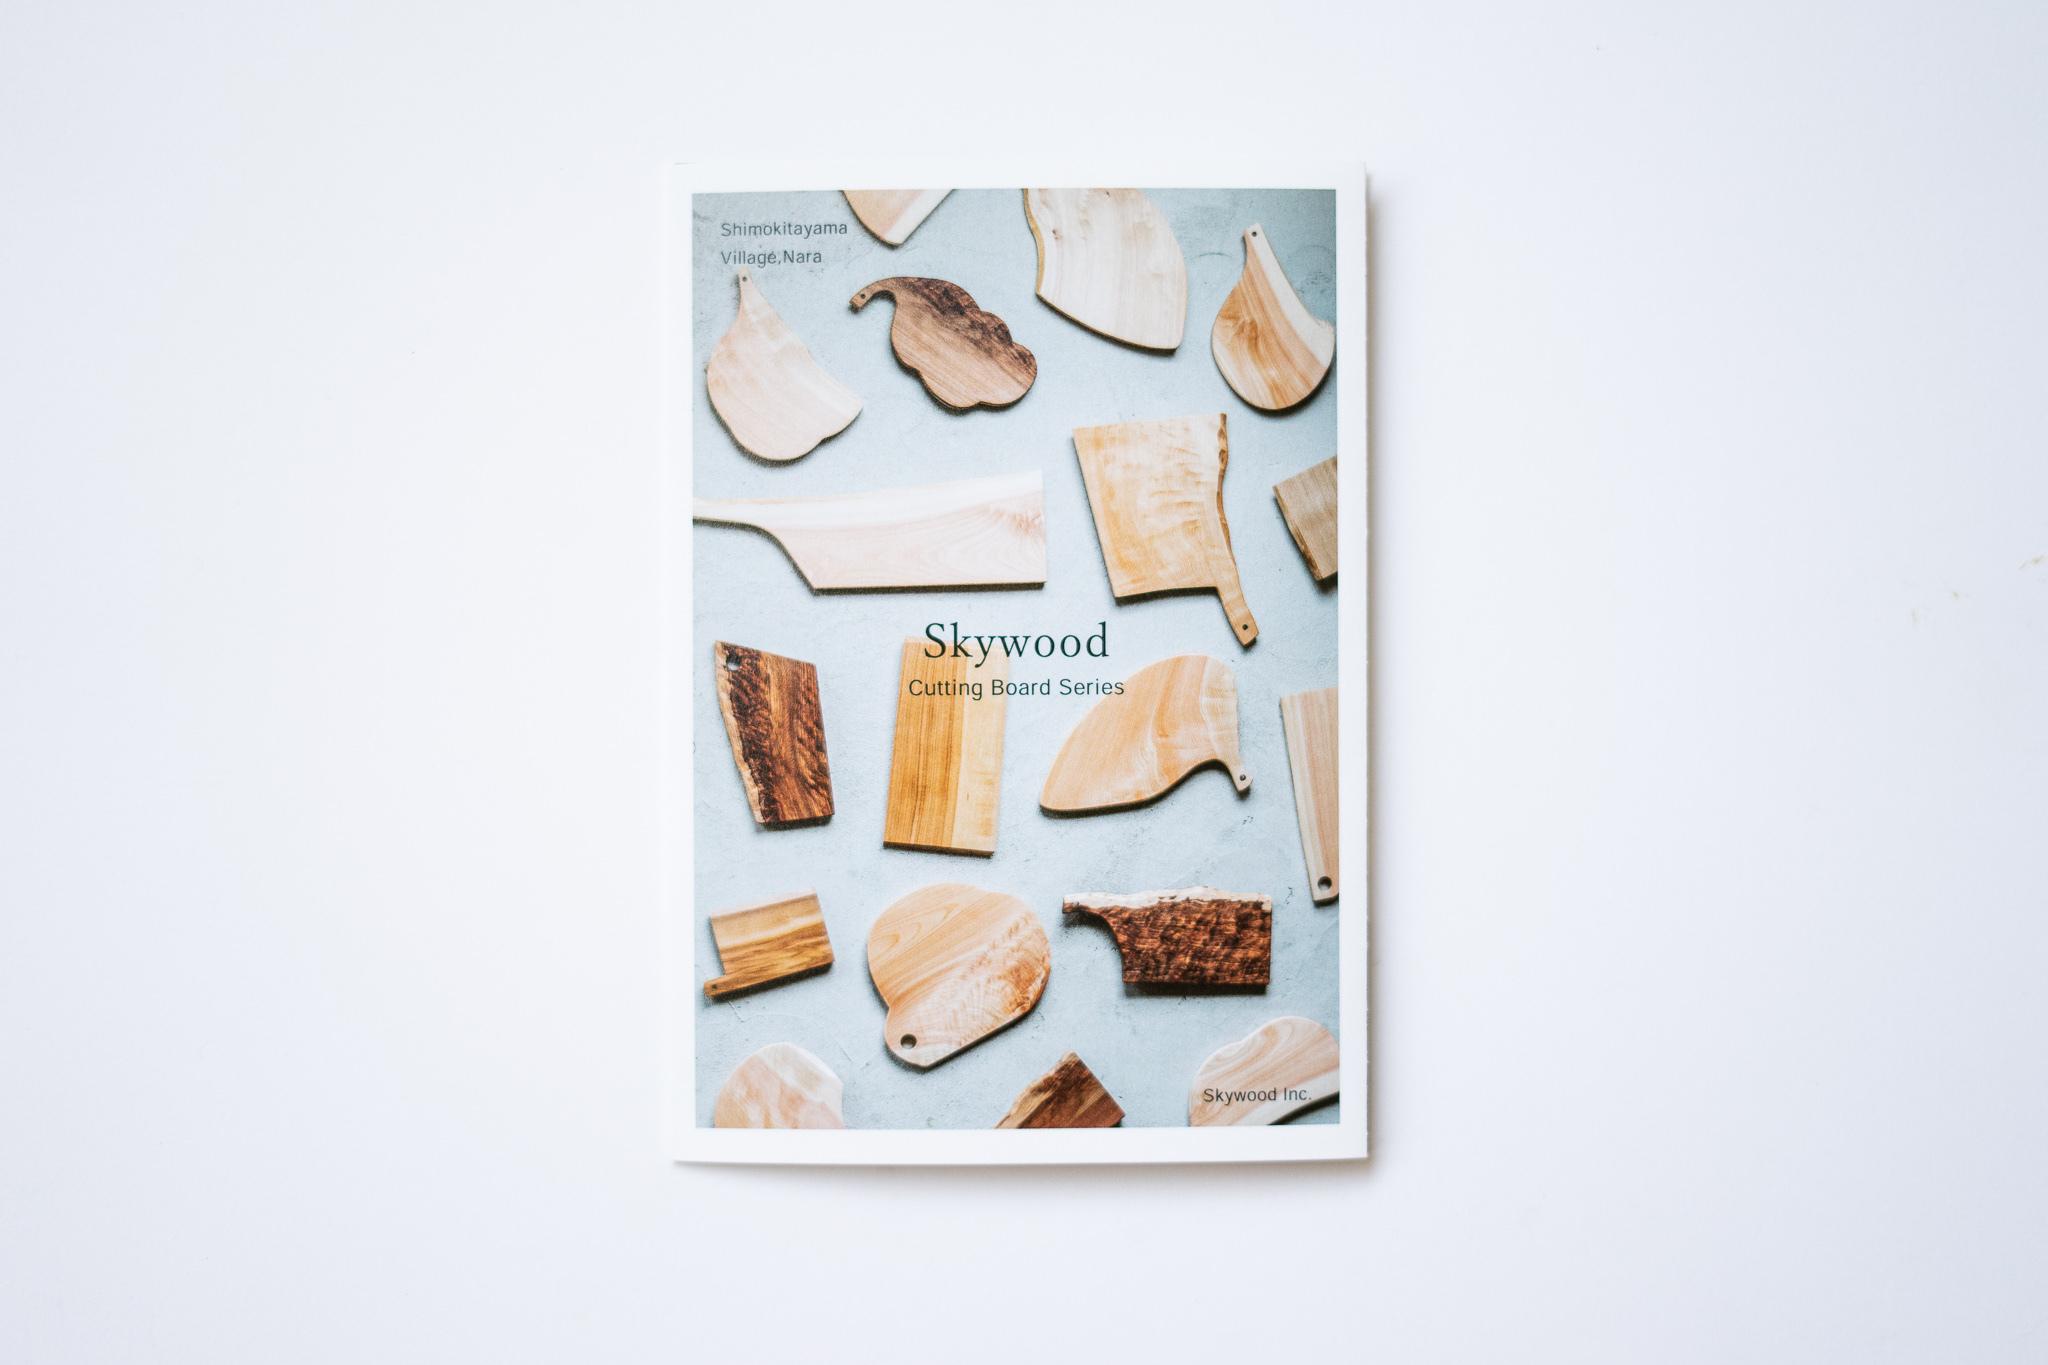 Skywood Cutting Board Series リーフレット